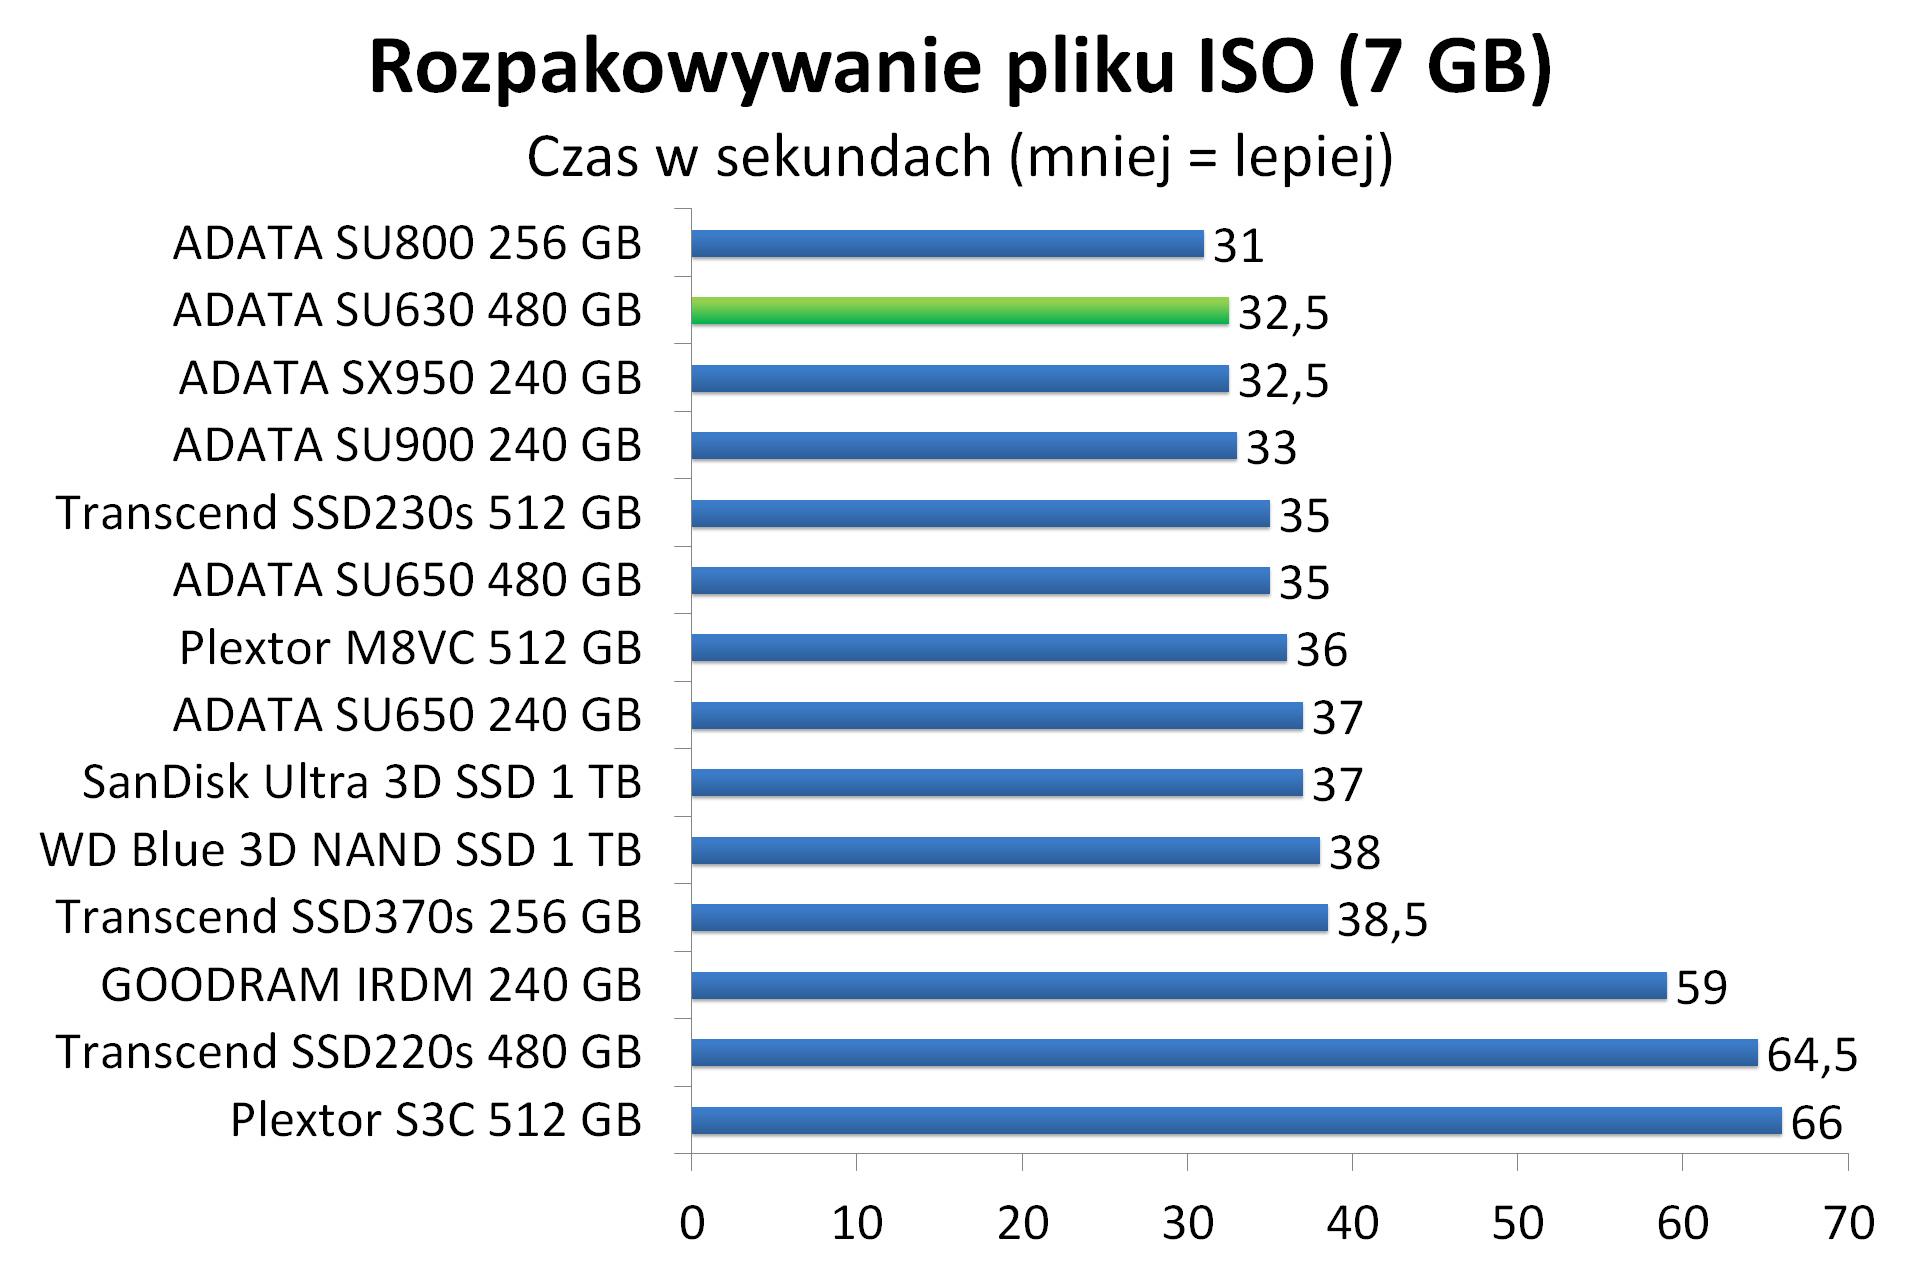 ADATA SU630 480 GB - Rozpakowywanie pliku ISO (7 GB)